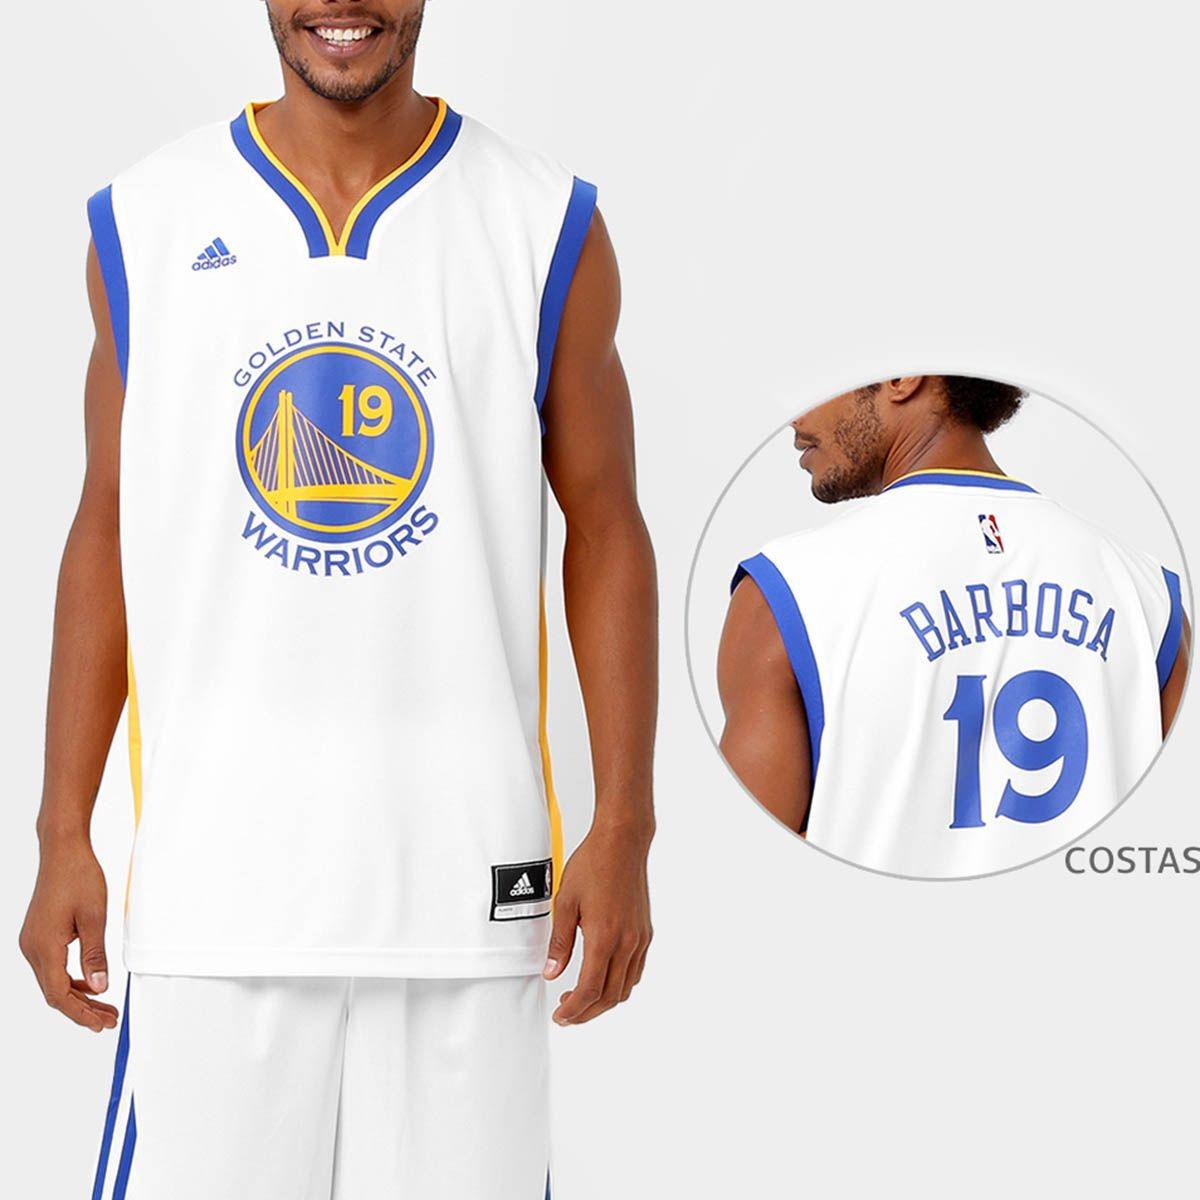 d8bcbd9ca camisa basquete adidas nba golden state warriors leandrinho. Carregando  zoom.